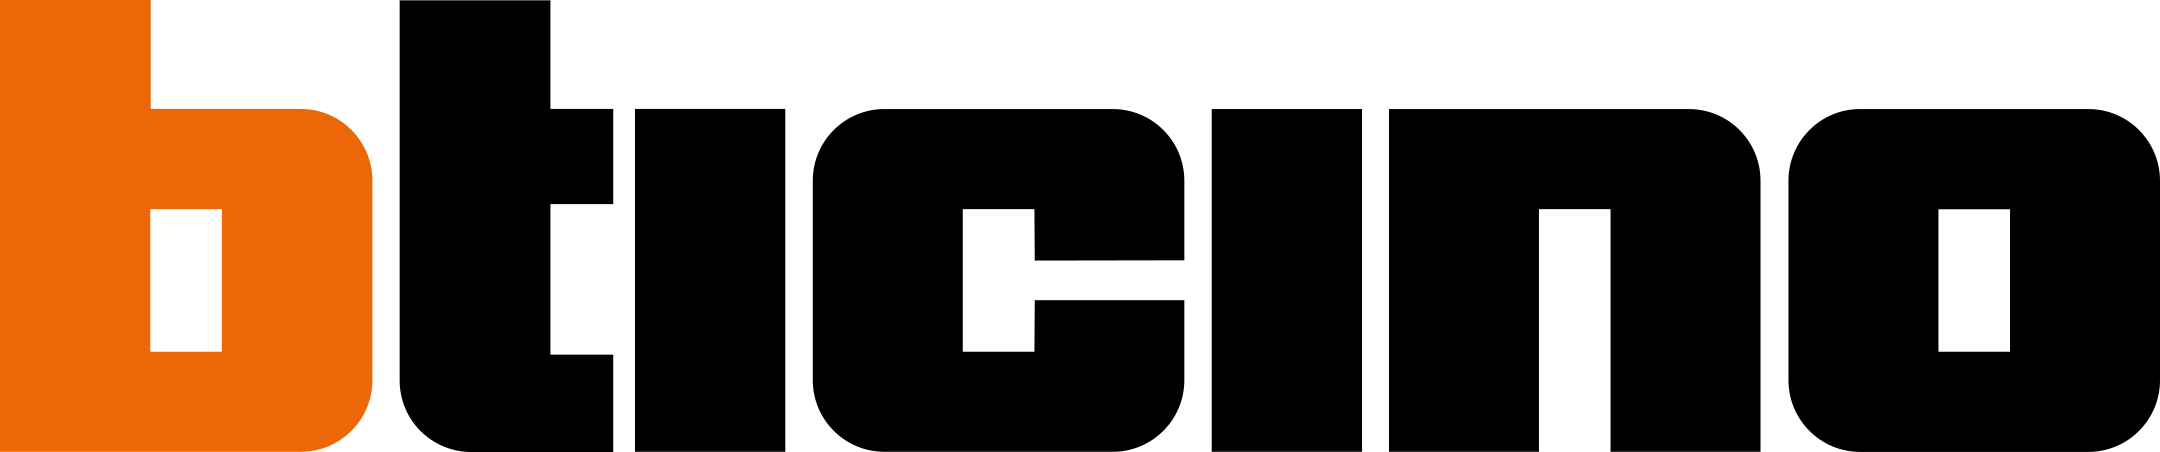 bticino logo 1 - Bticino Logo